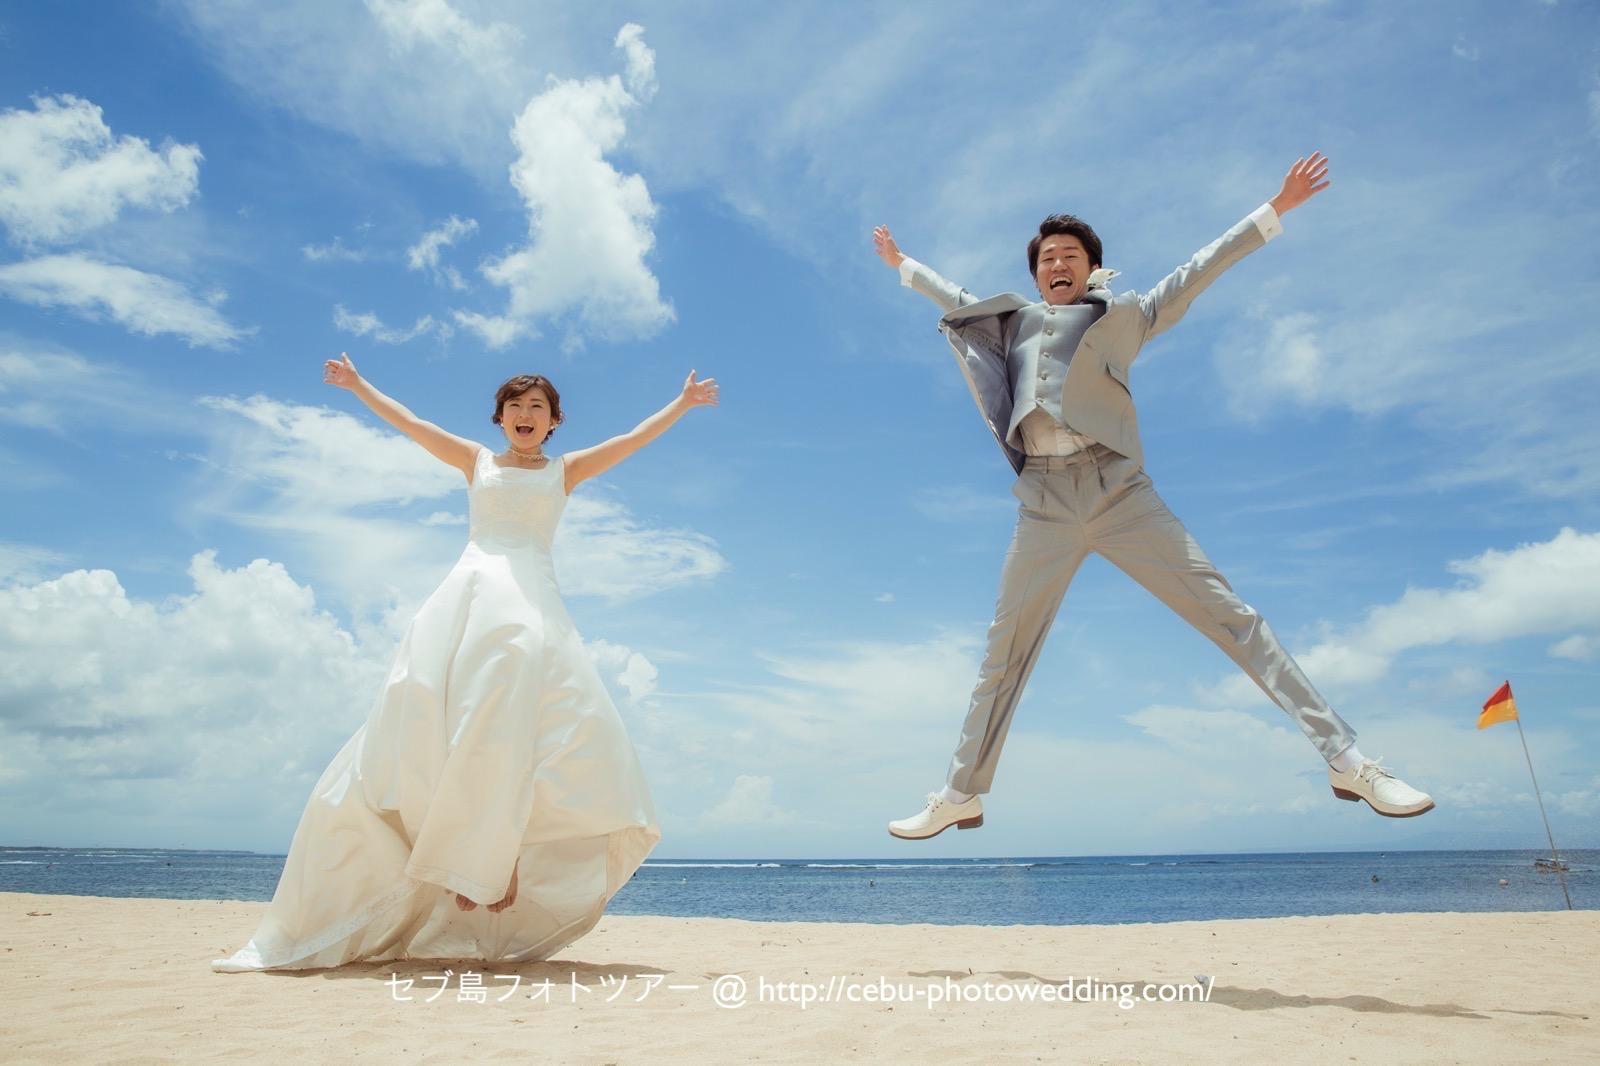 晴れた青空の下で新郎新婦が笑顔でジャンプ